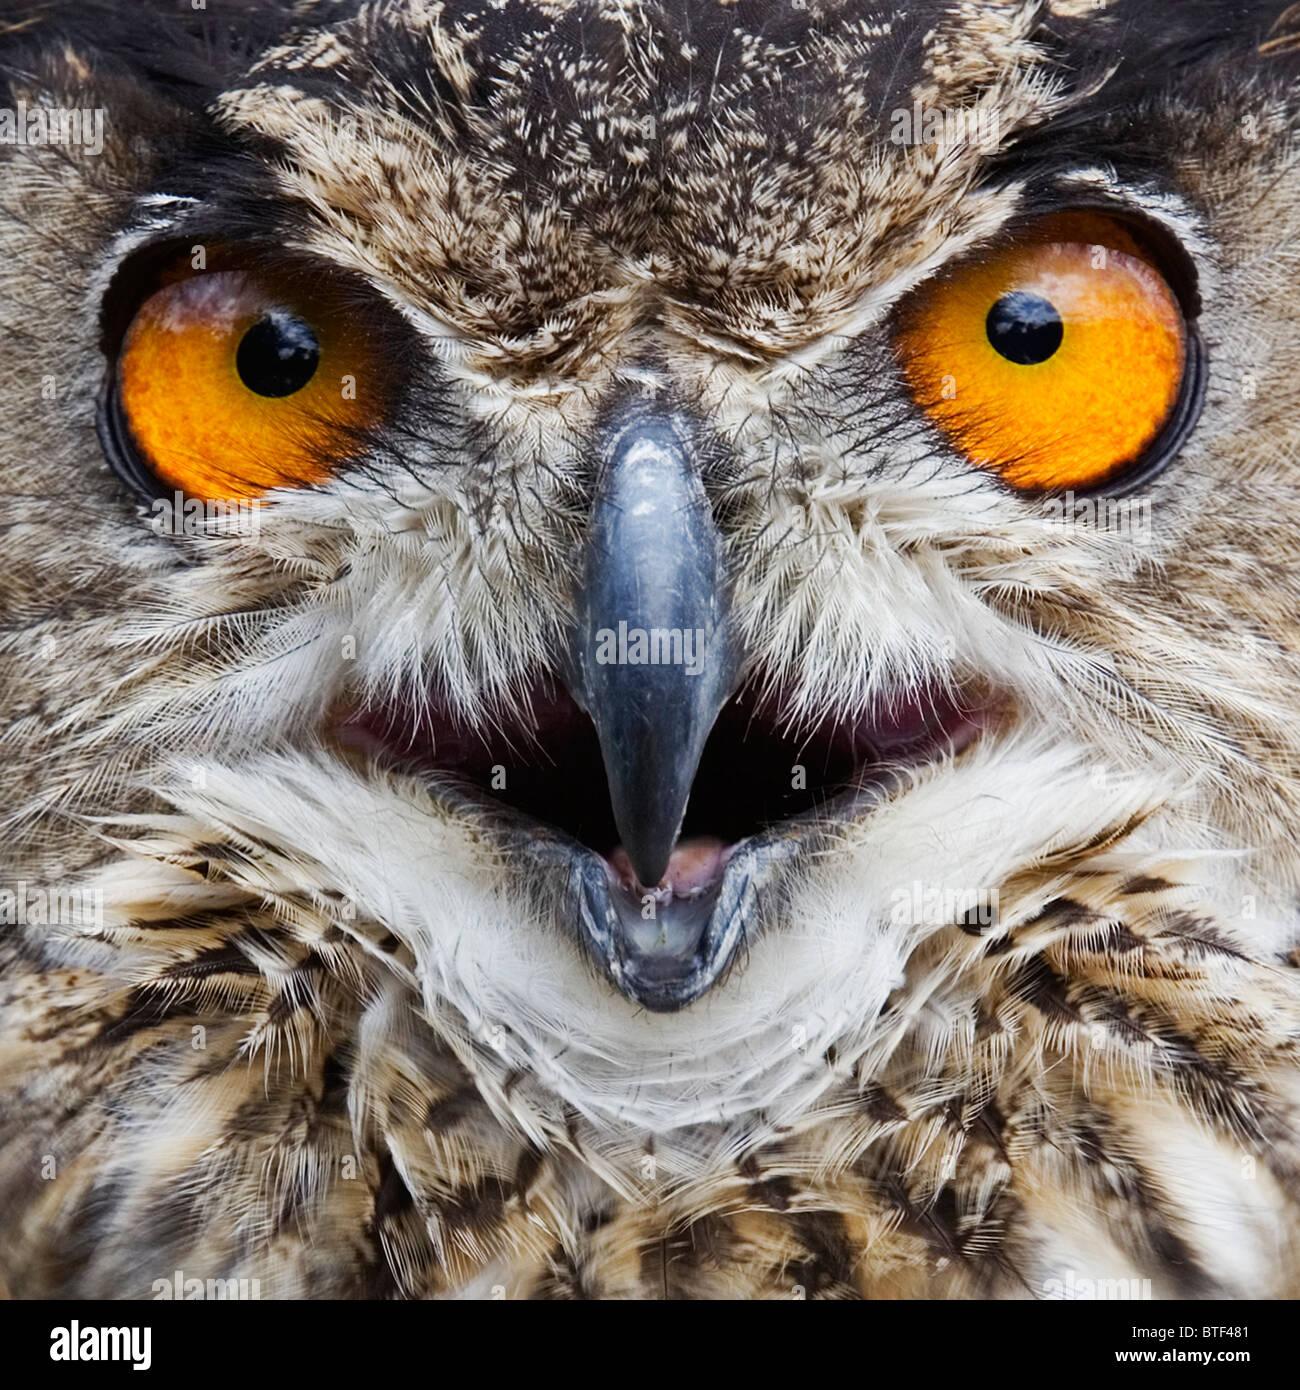 European Eagle Owl,  Close-up - Stock Image